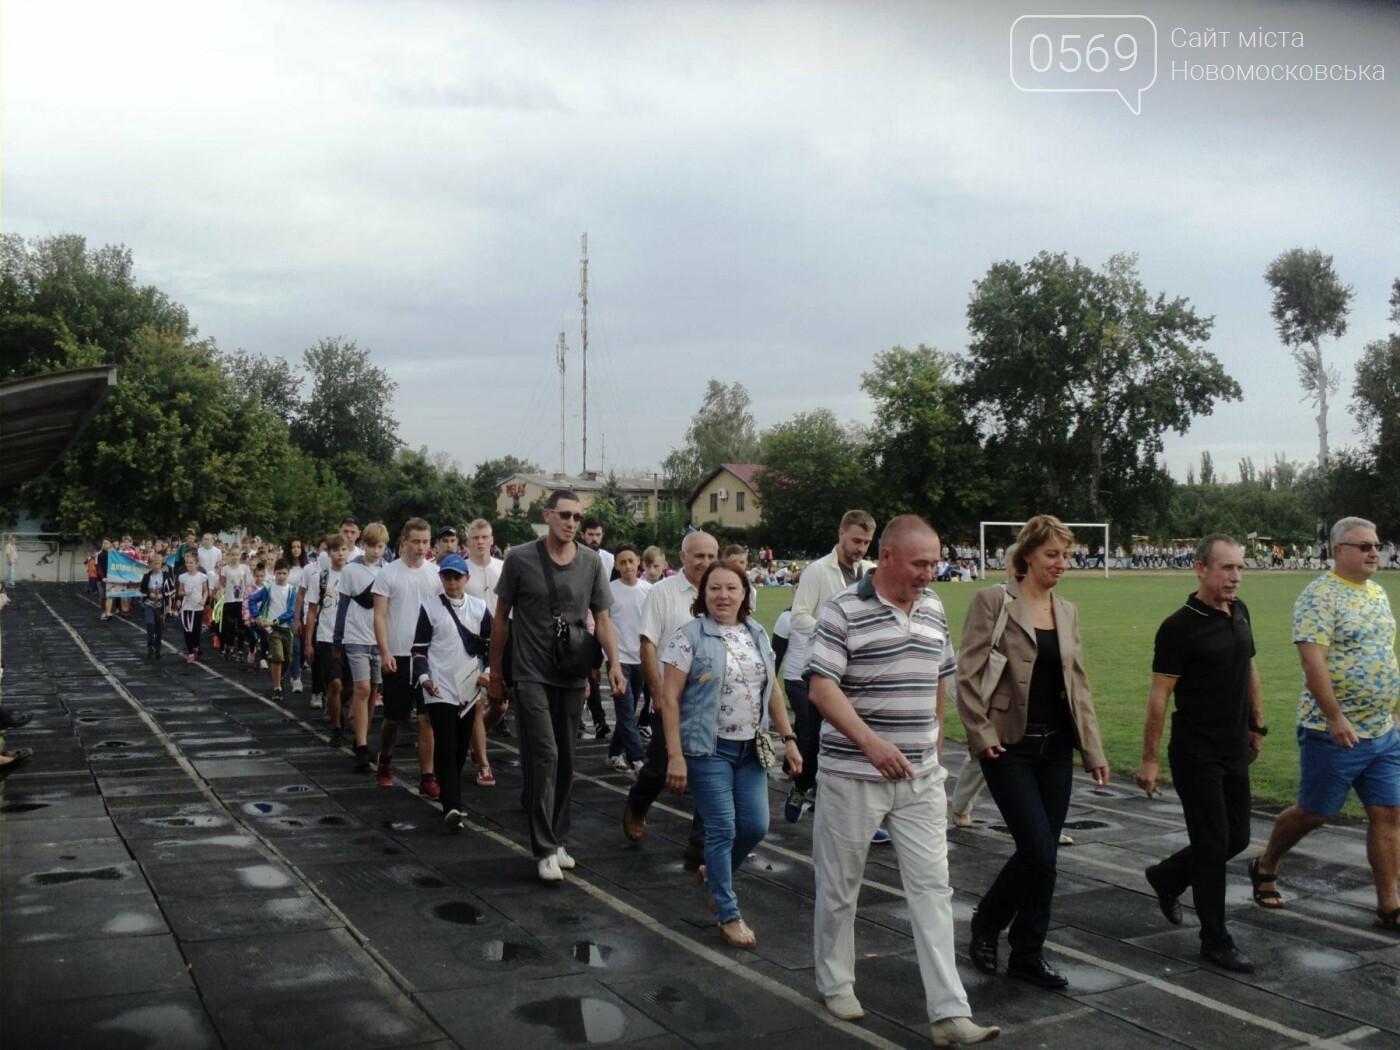 В Новомосковську відсвяткували День фізкультури та спорту, фото-12